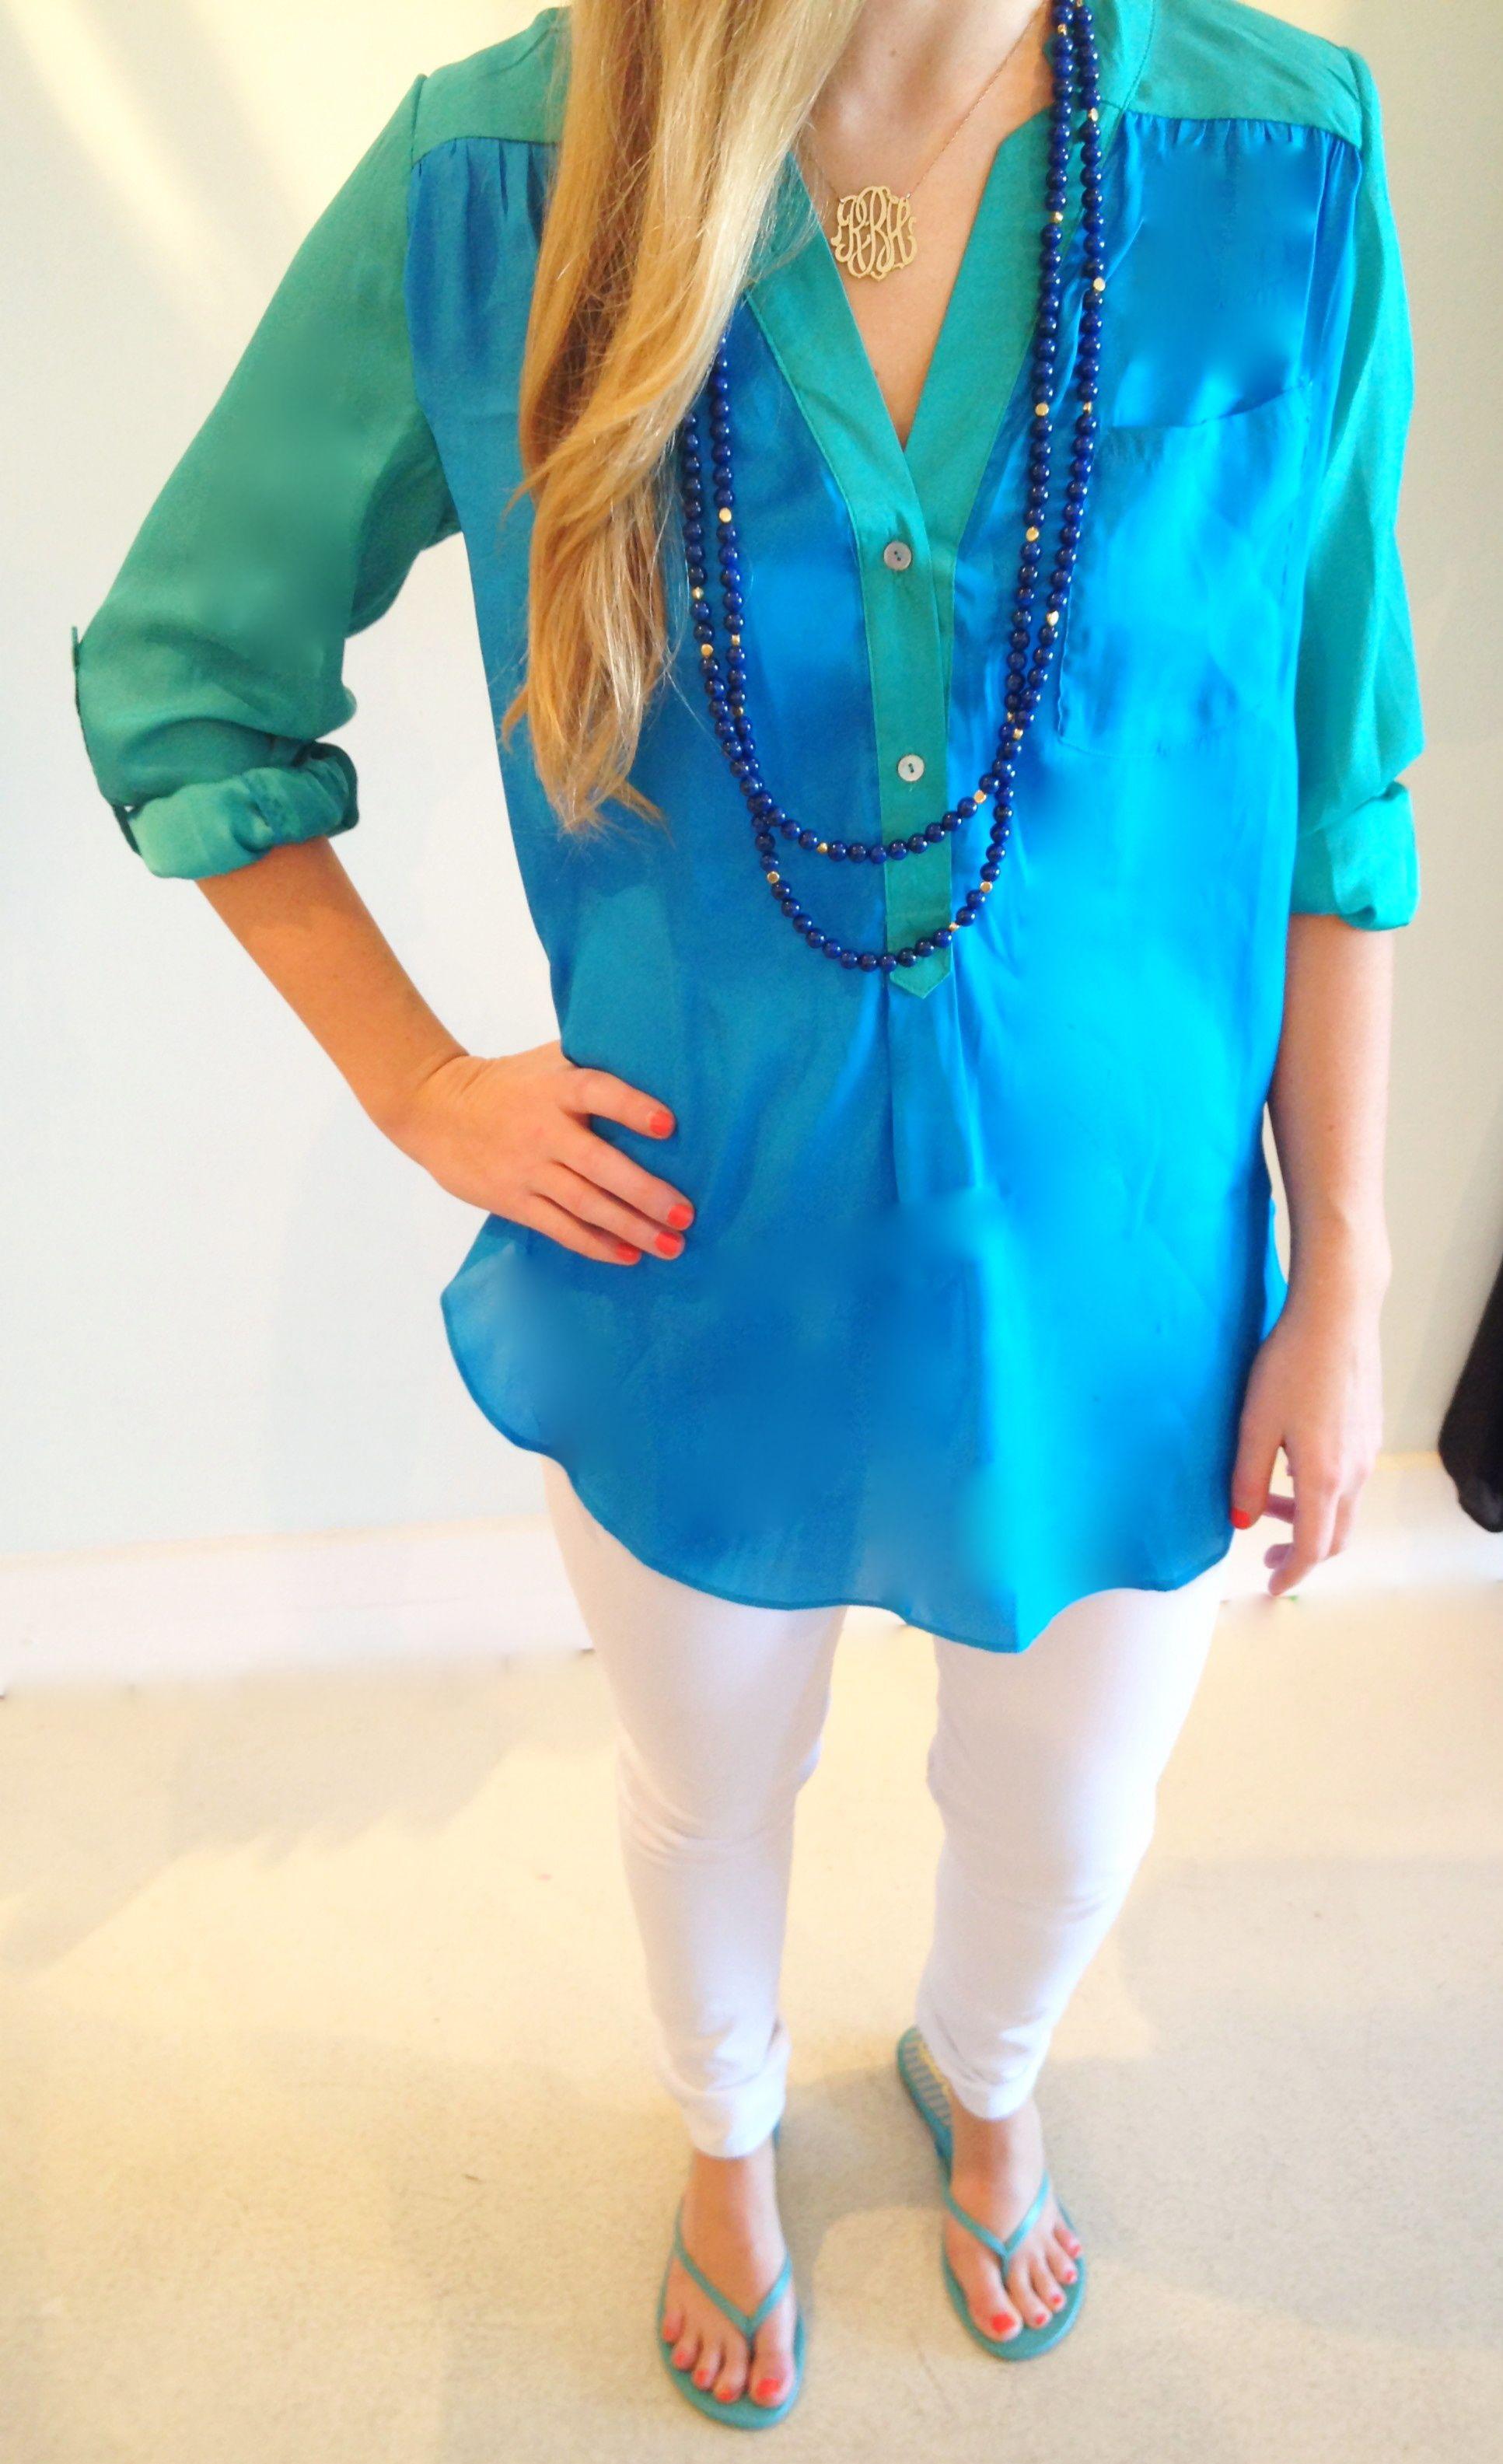 Color block tunic @ Love Boutique Baton Rouge, LA